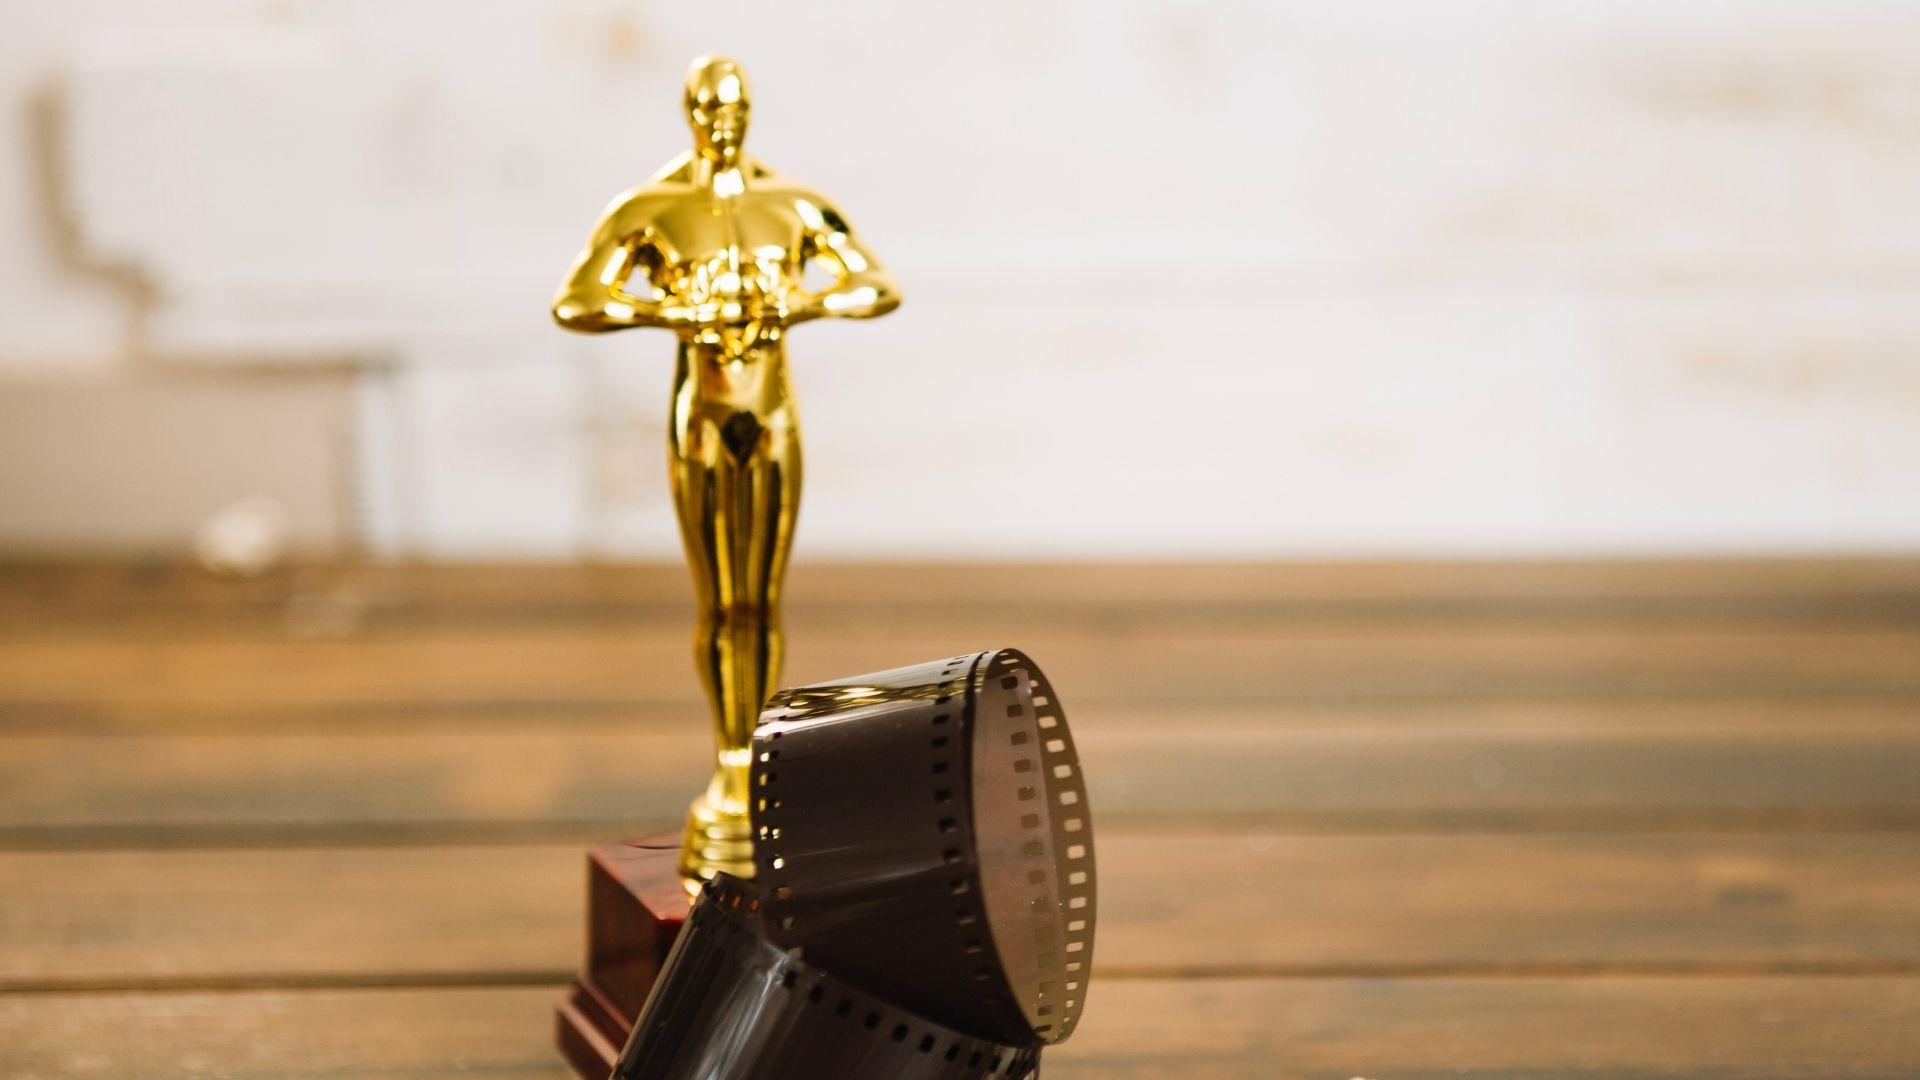 10 ciekawostek o Oscarach, które powinien znać każdy miłośnik kina